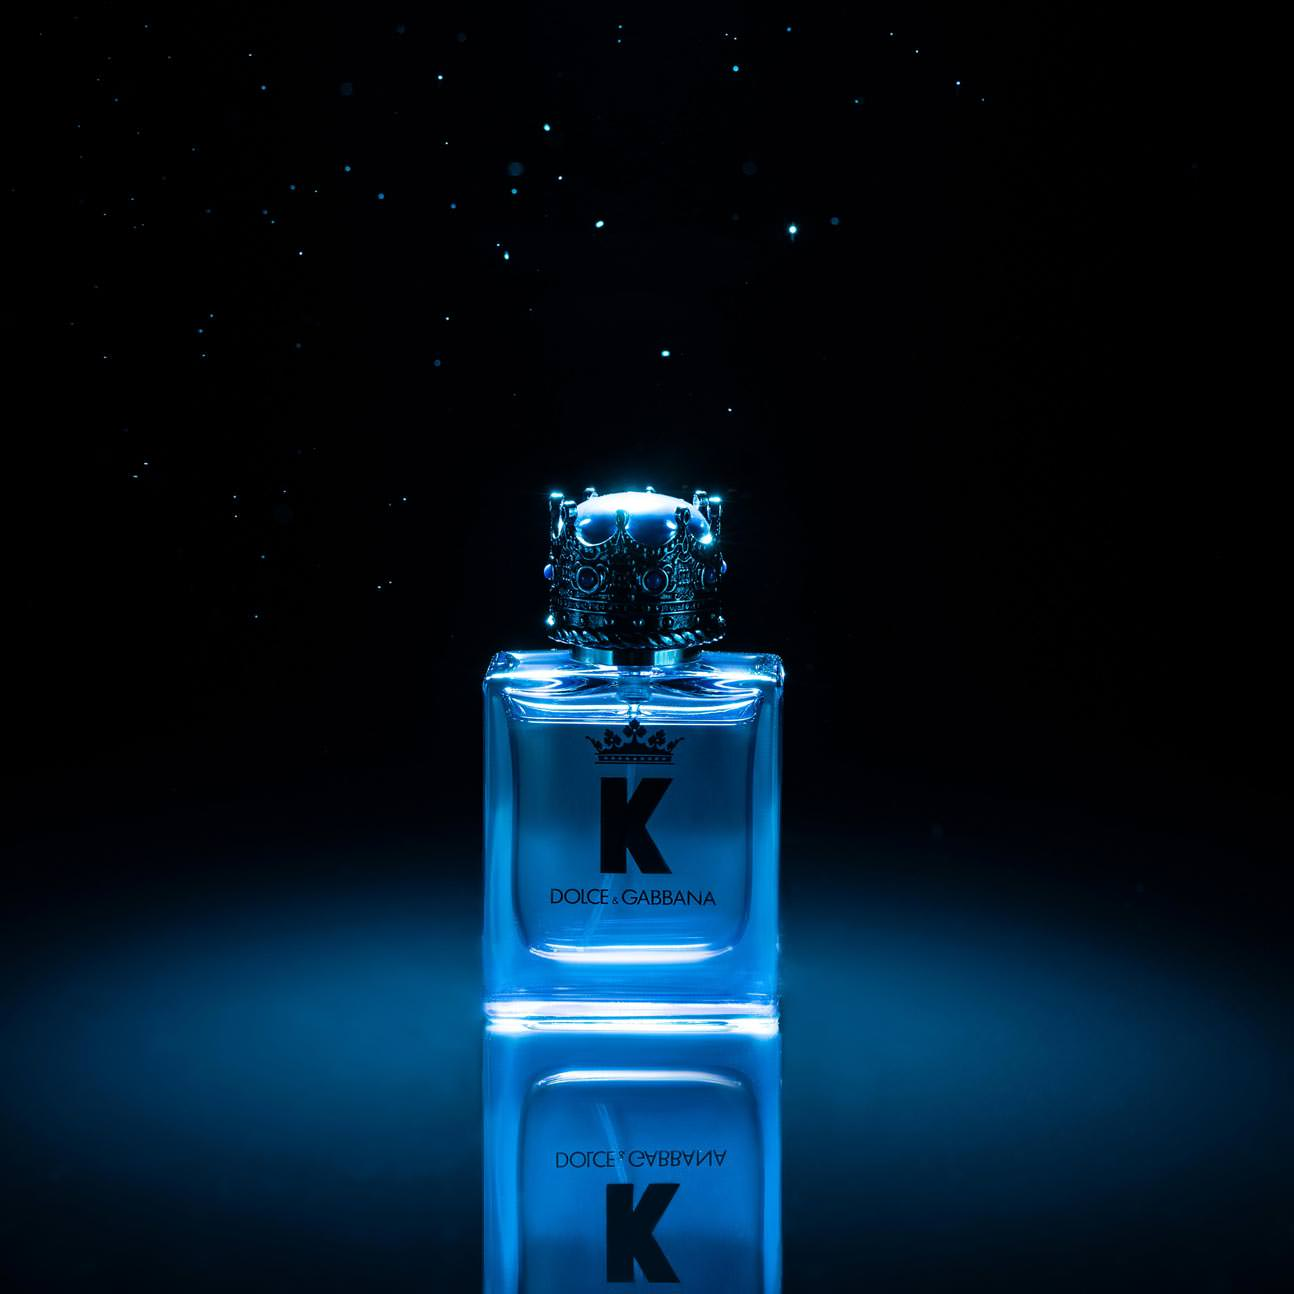 produktfotograf parfum foto